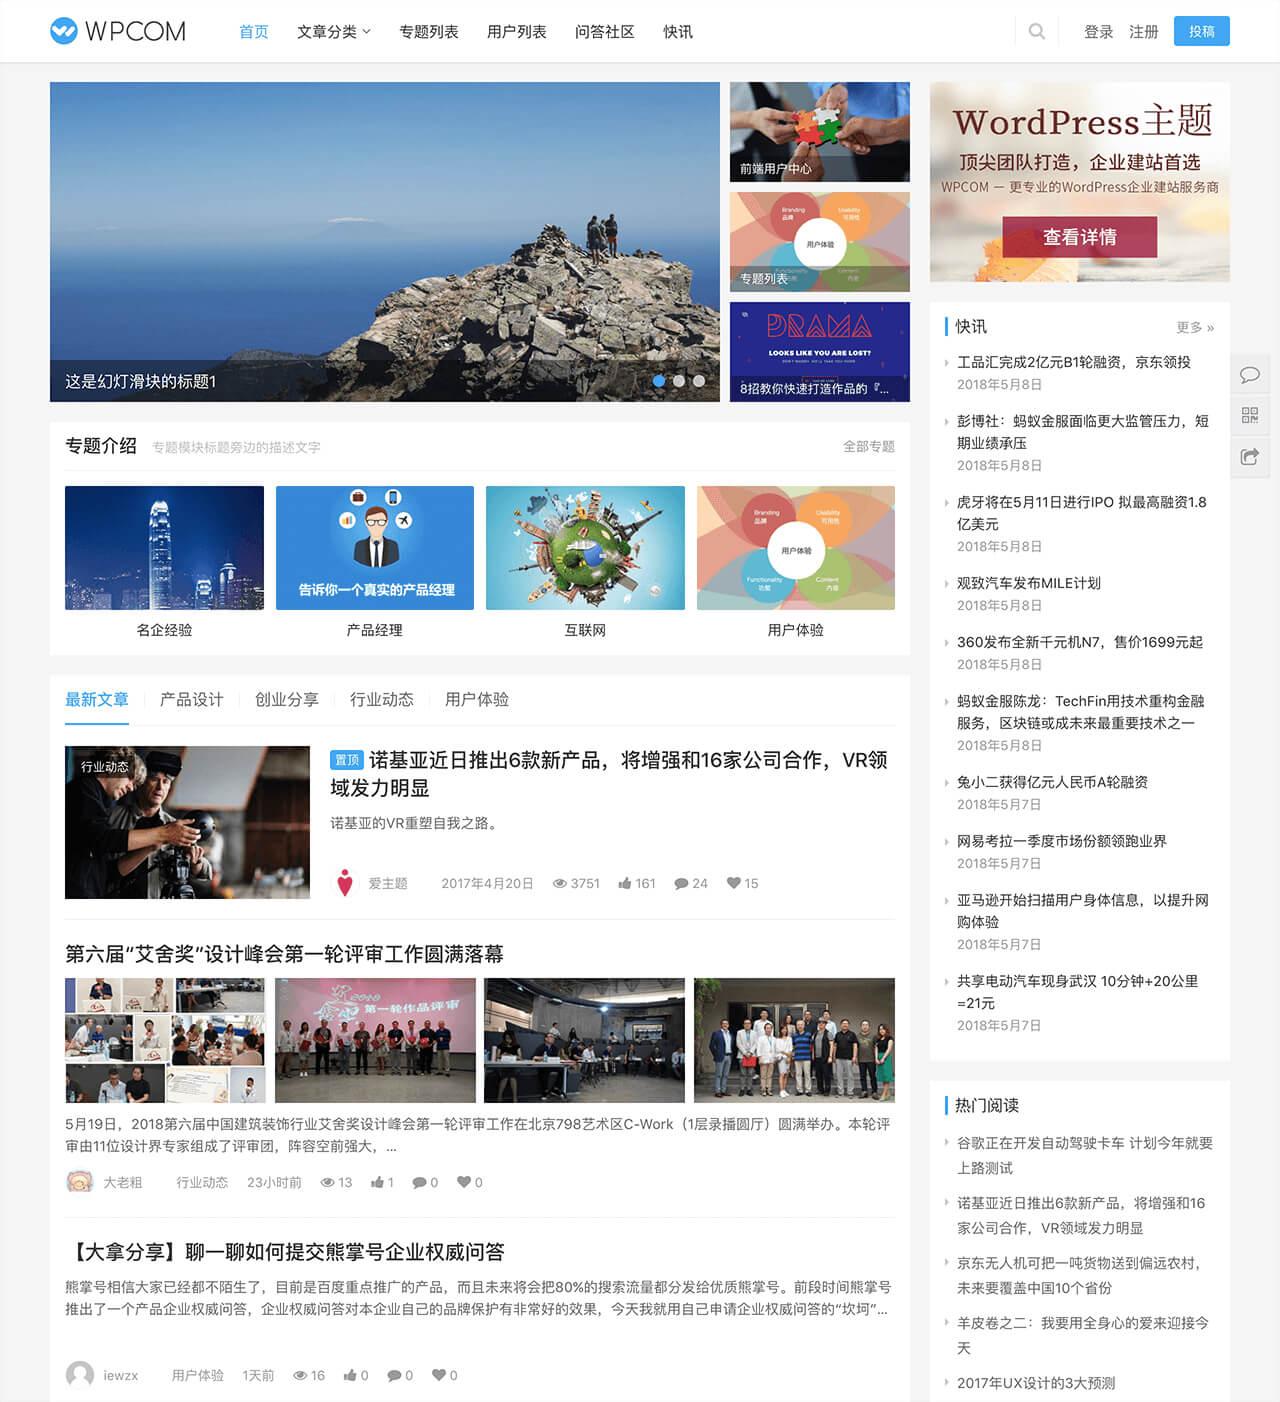 JustNews主题破解版开心版下载V5.7.3版本-橘子皮